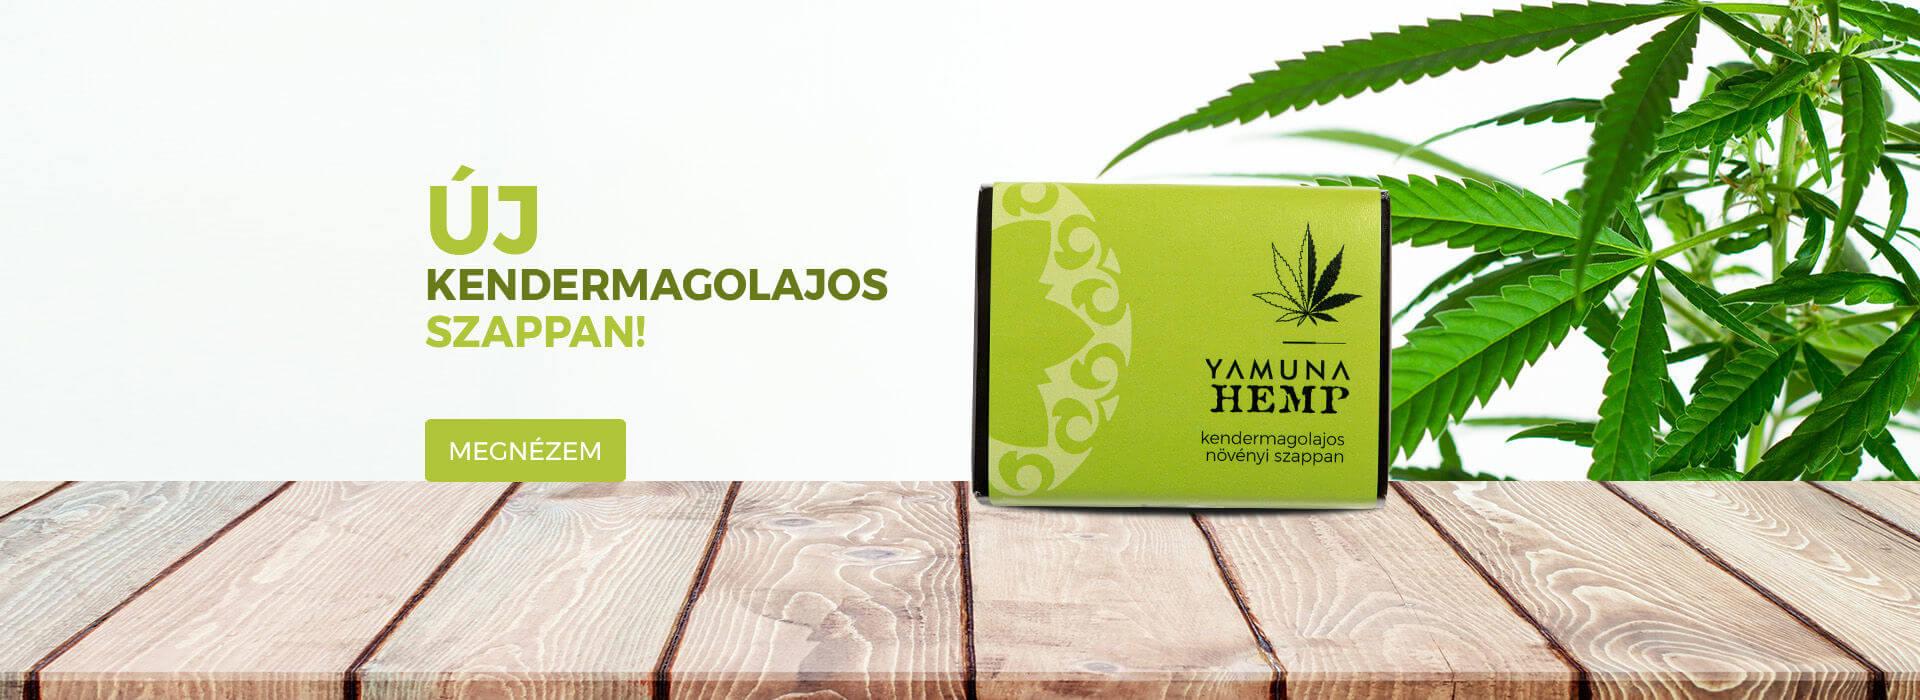 Yamuna növényi alapú szappanok